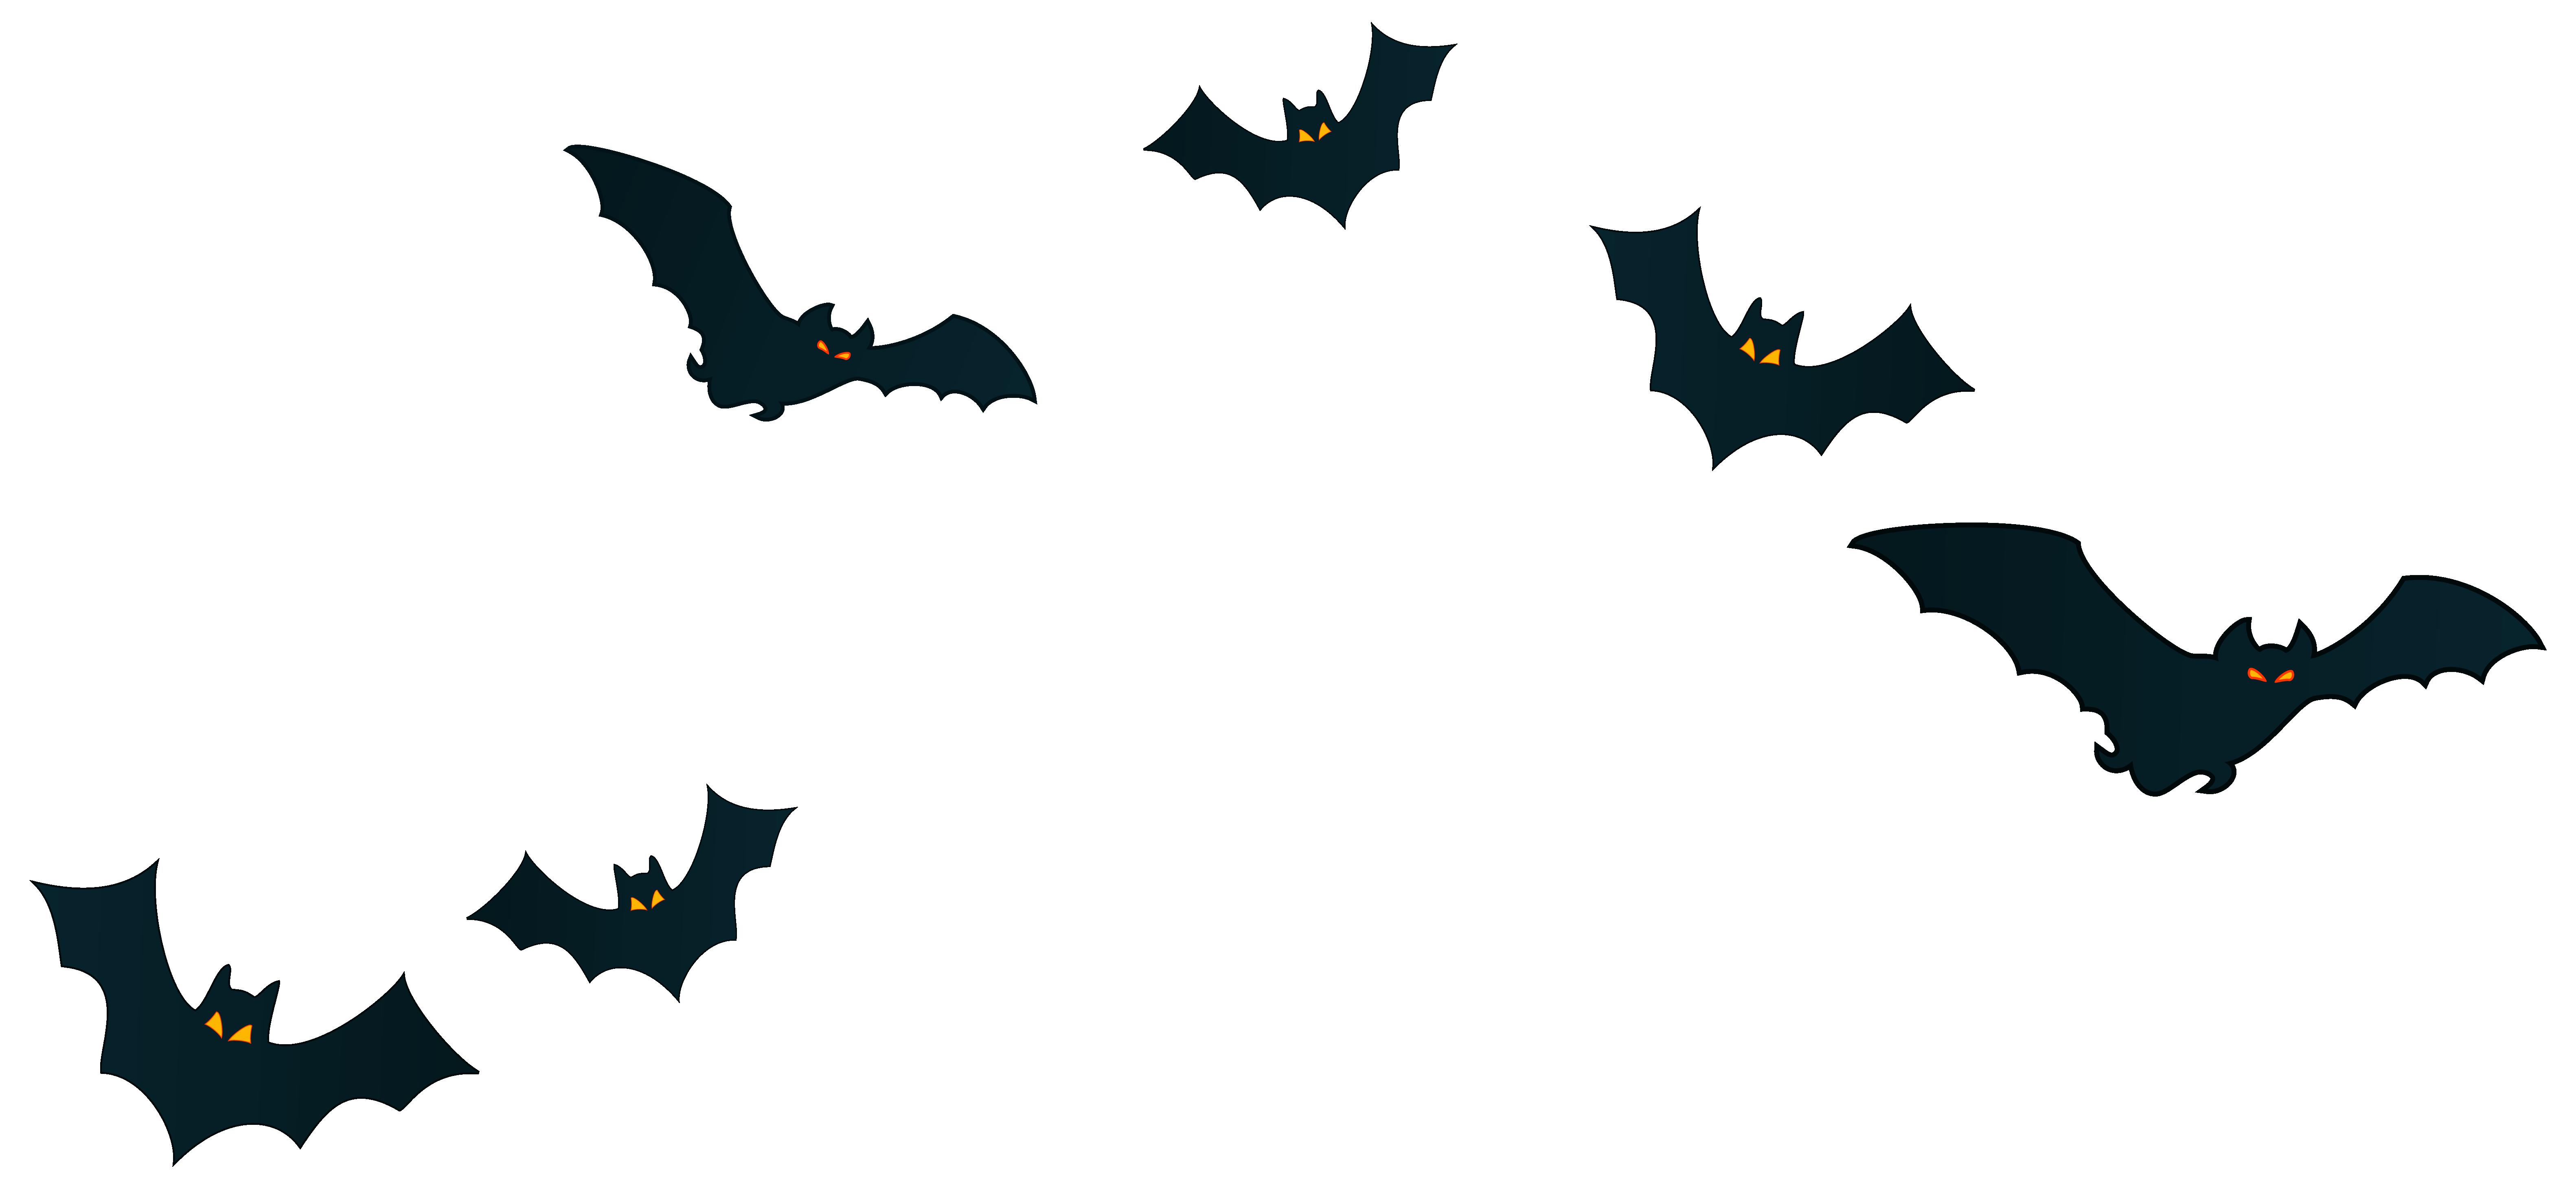 6327x2949 Halloween Bats Decor Png Clipart Imageu200b Gallery Yopriceville